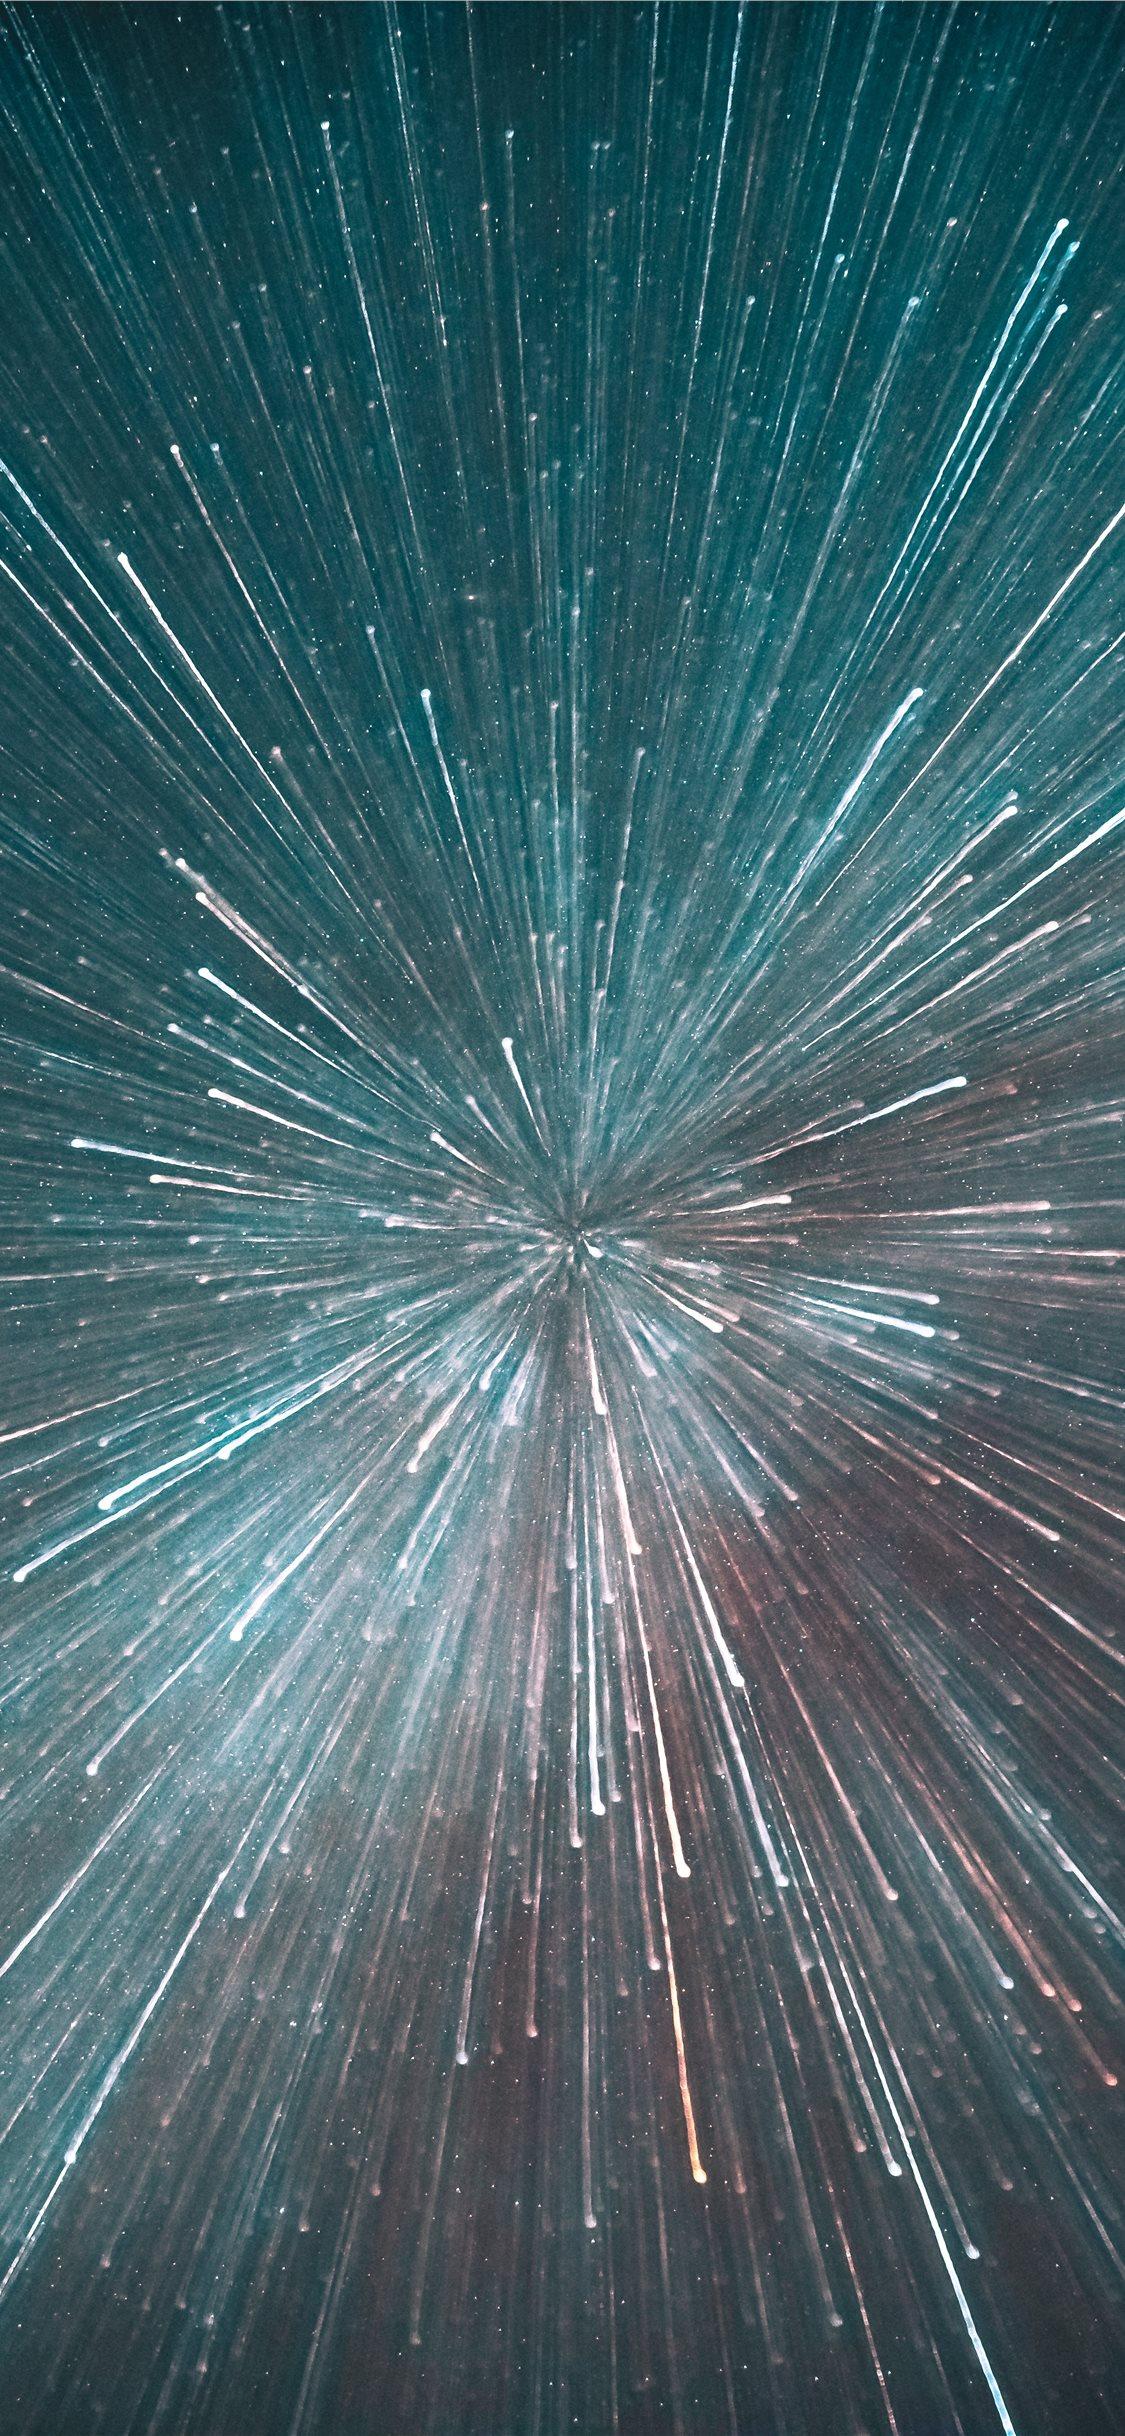 light streaks iPhone 11 Wallpapers Download 1125x2436